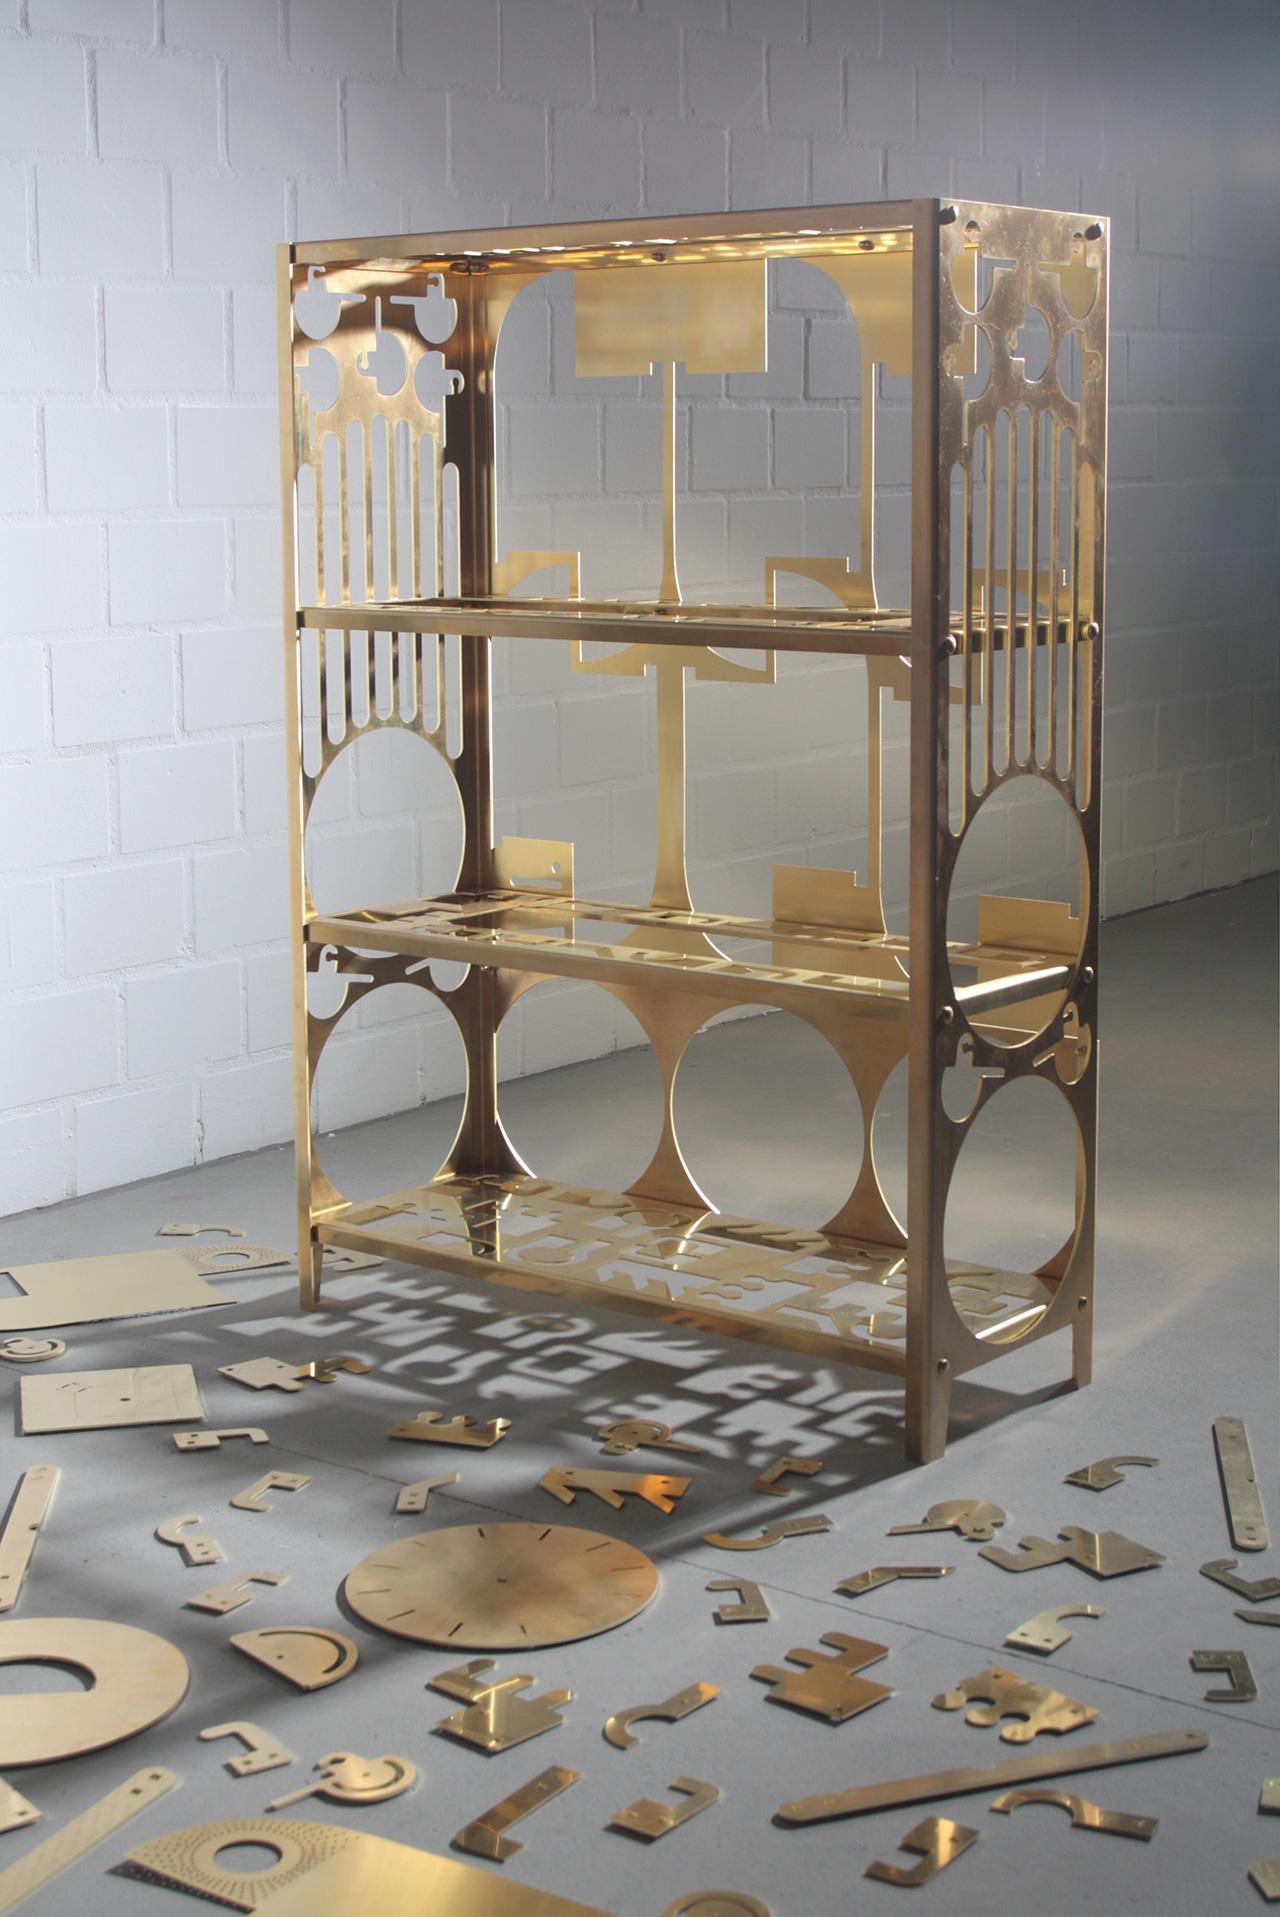 00_Samuel_Treindl_brass_shelf